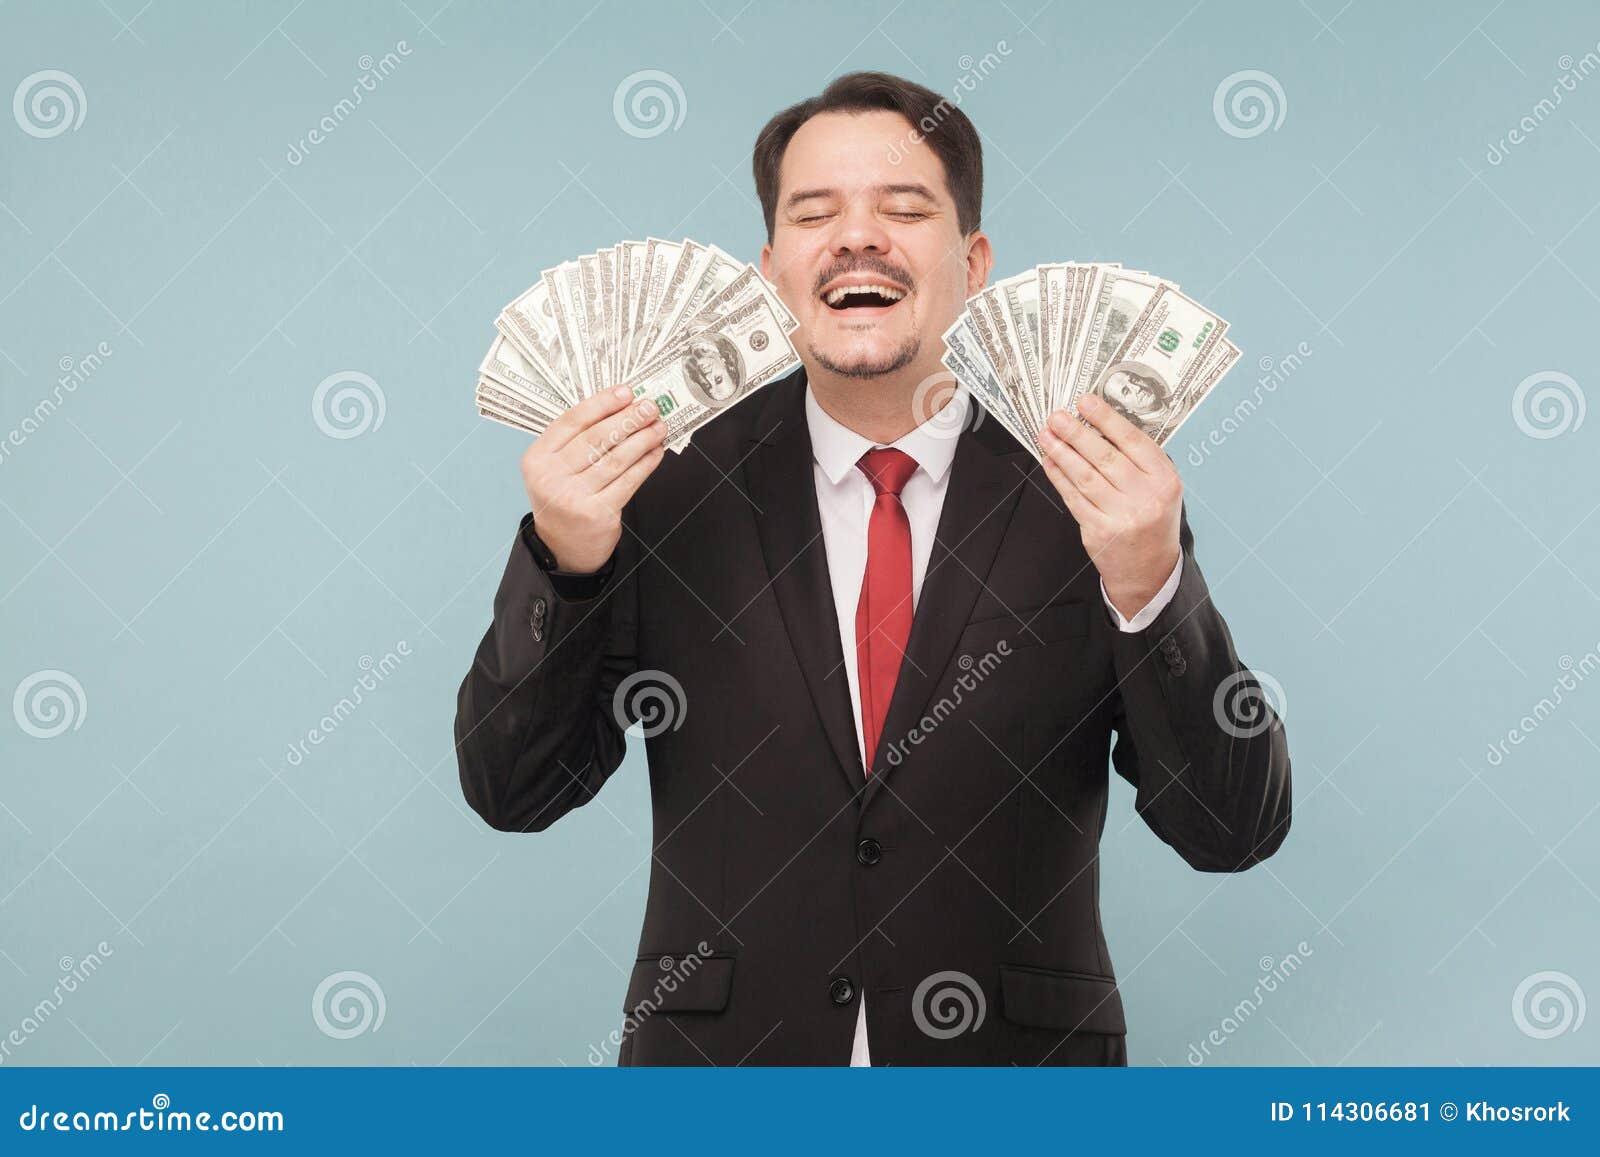 O homem ganhou honestamente muito dinheiro